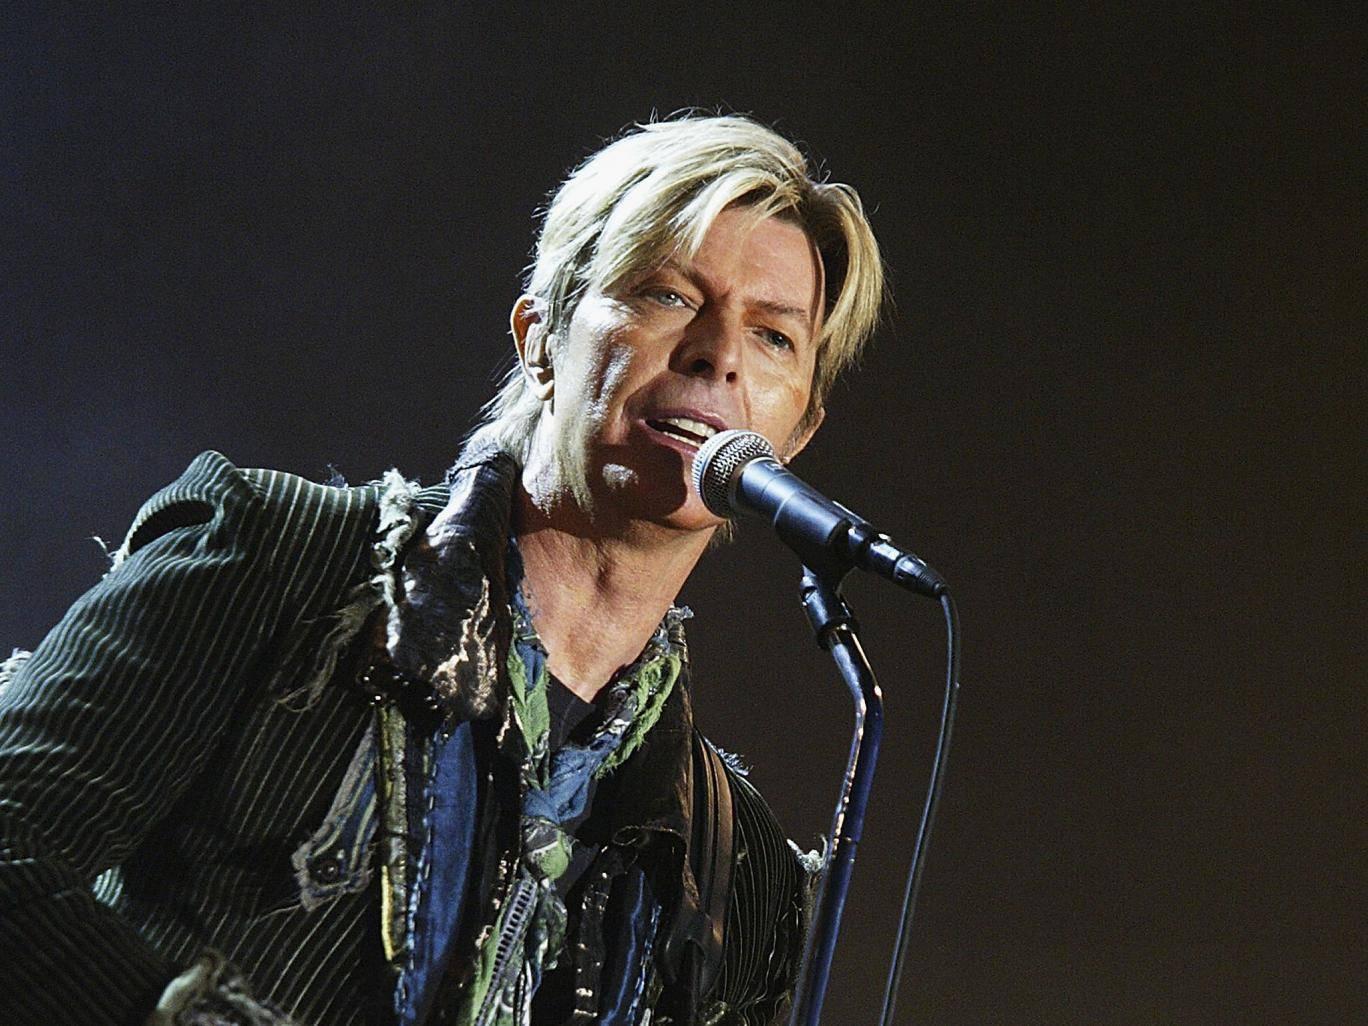 David Bowie byl zpopelněn bez obřadu. V posledních týdnech života nahrával další album